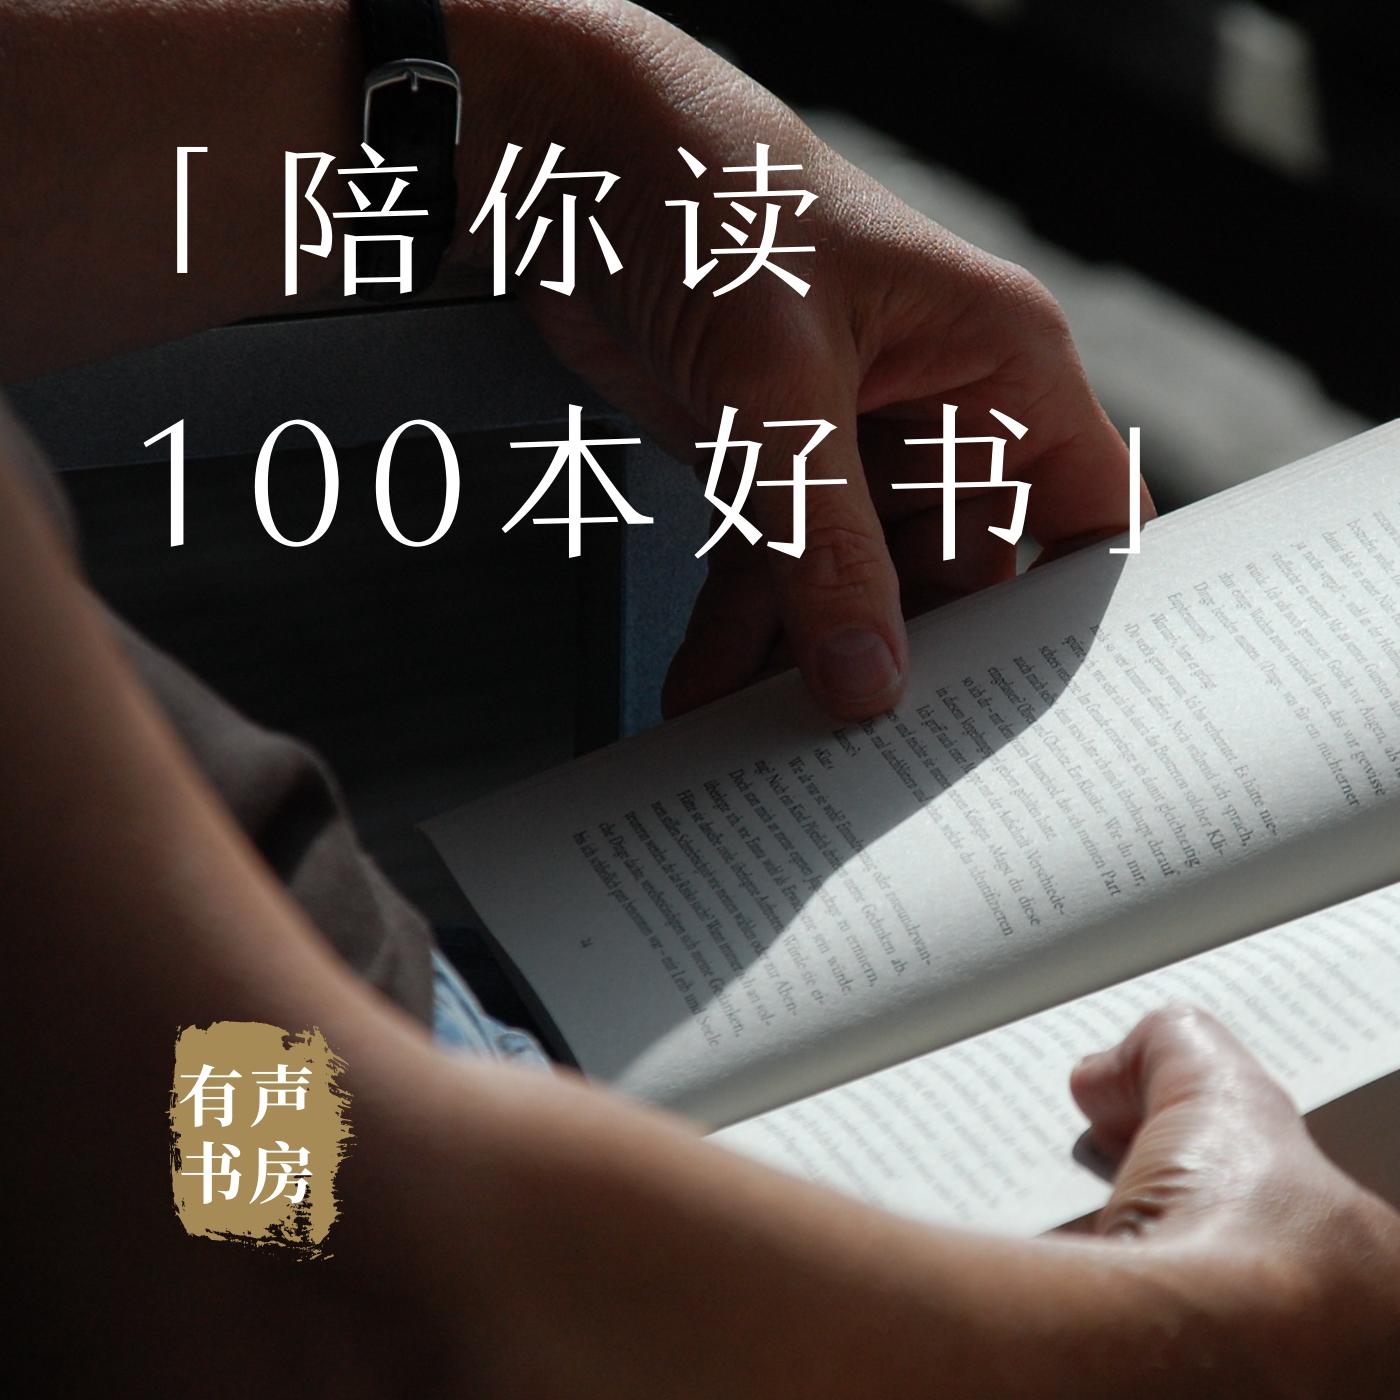 陪你读100本好书